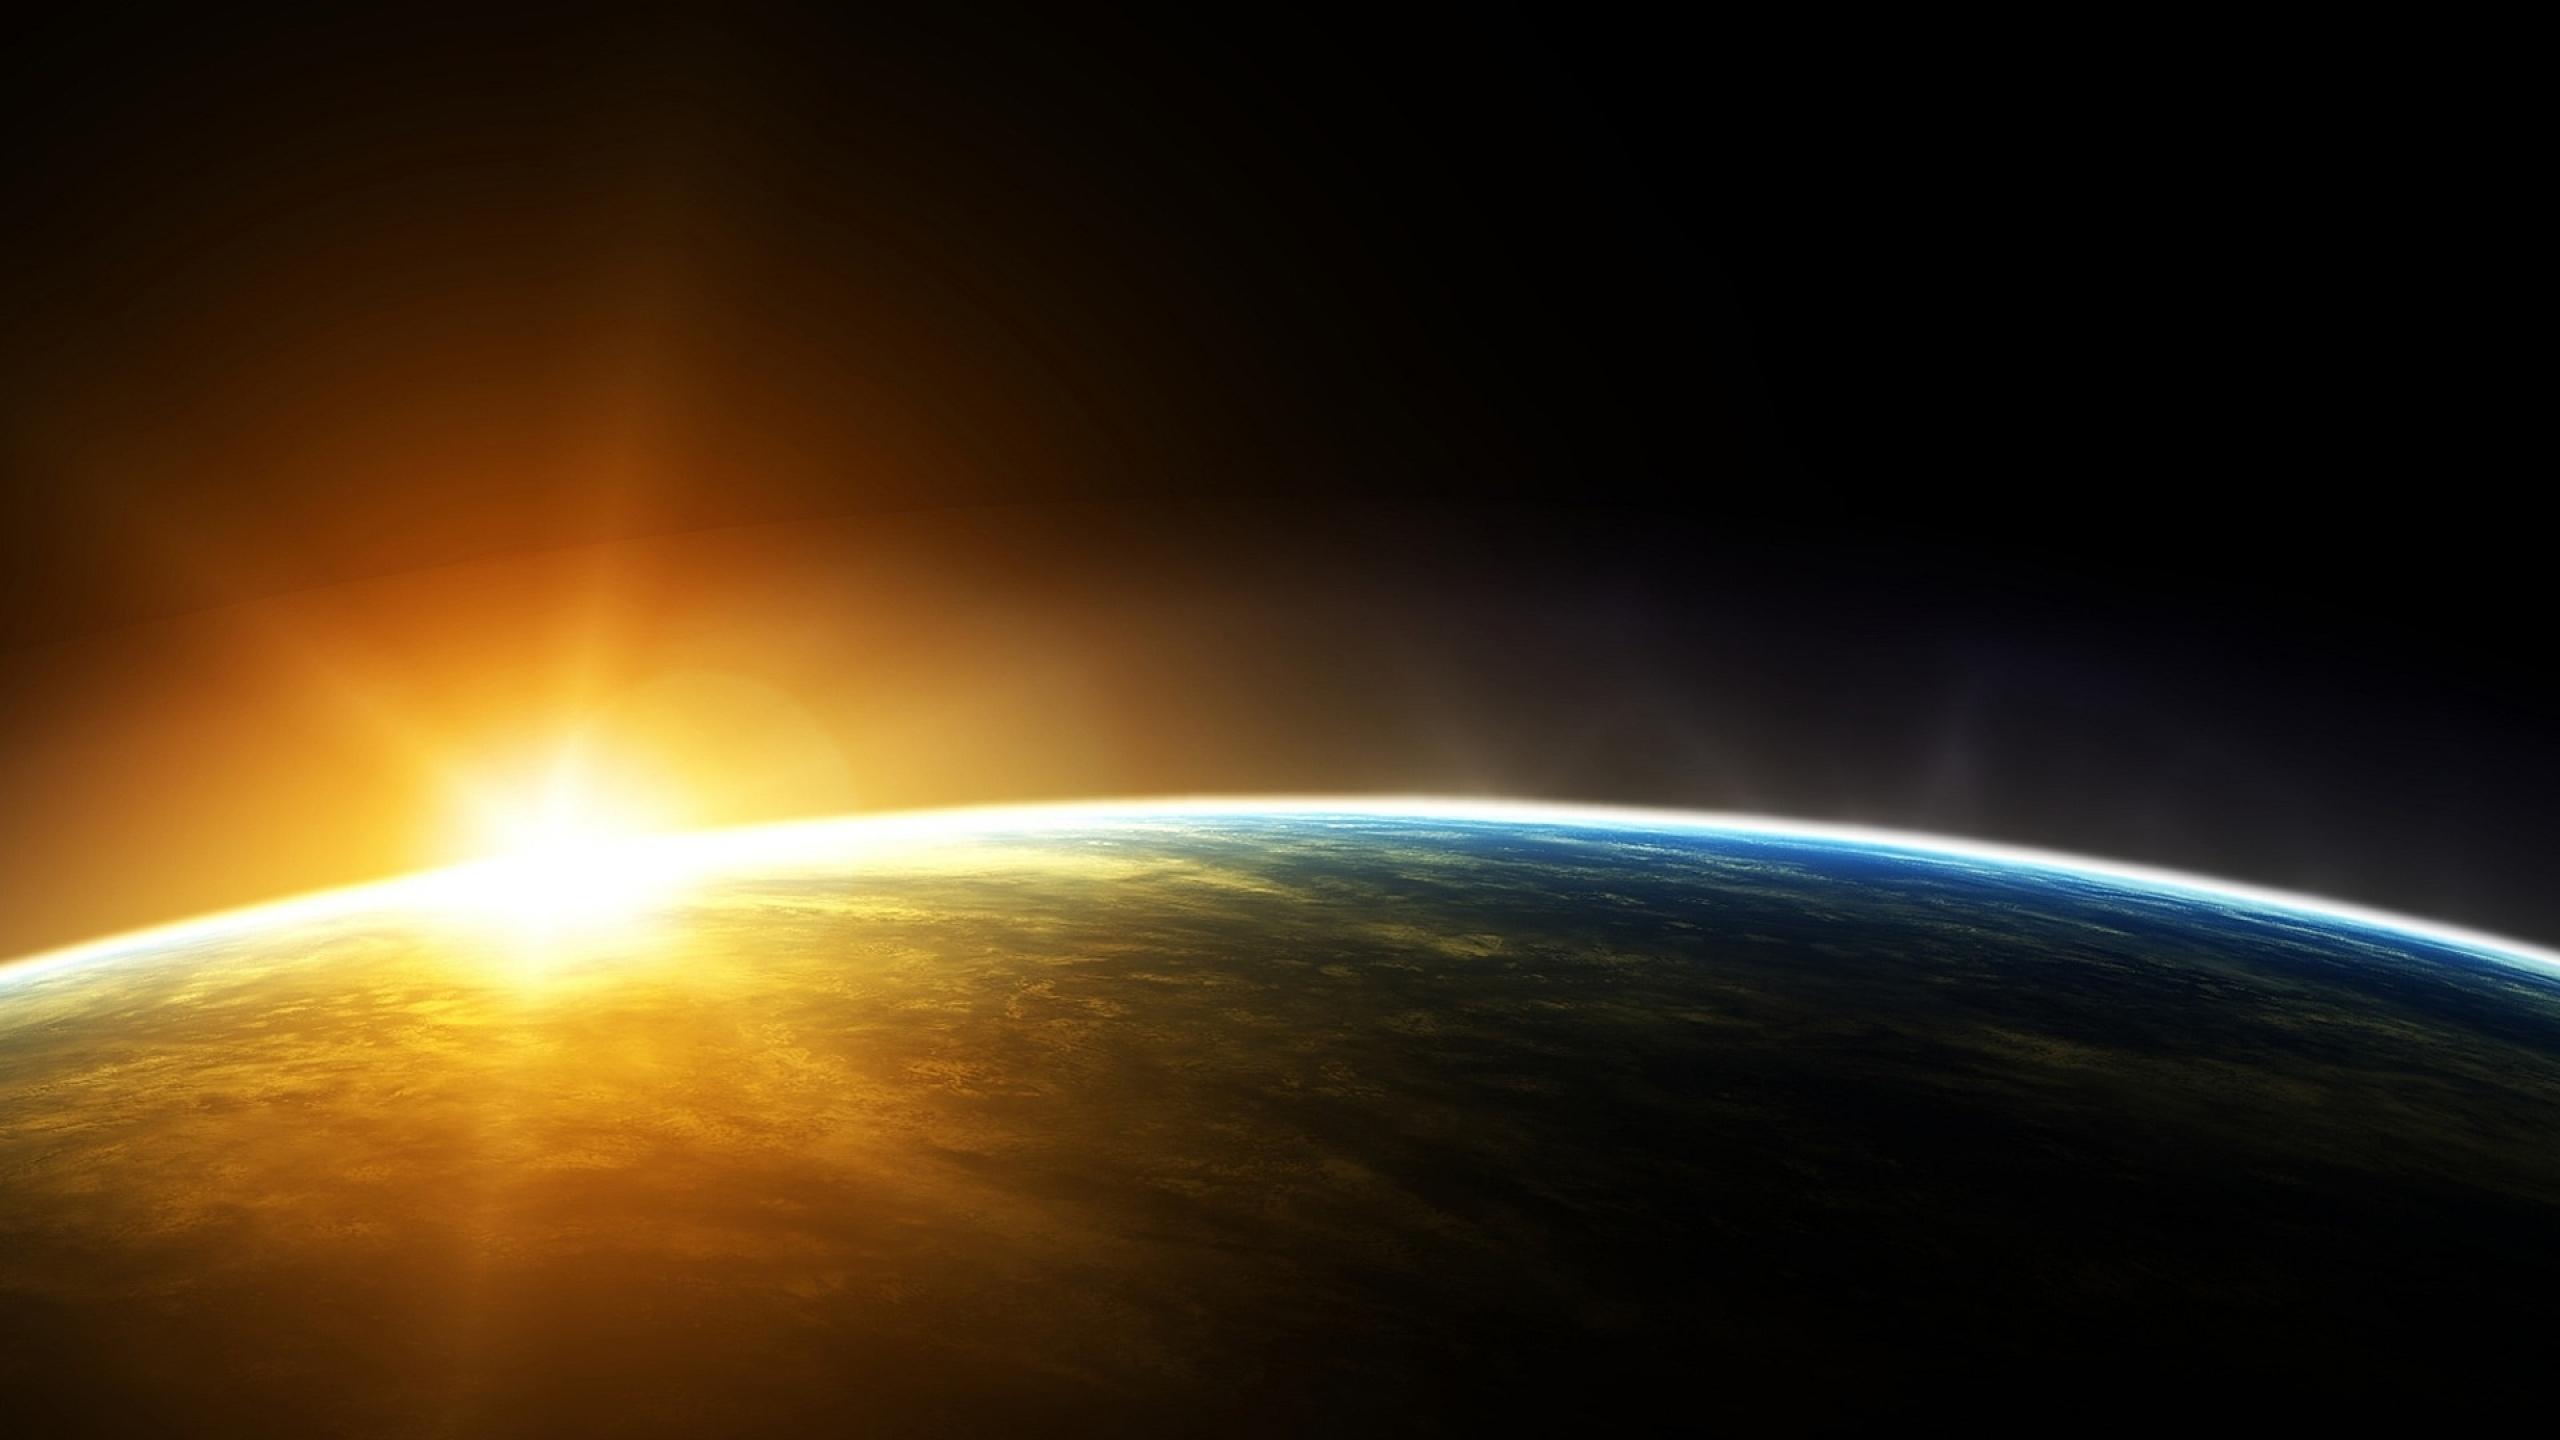 Beyond the sun lyrics